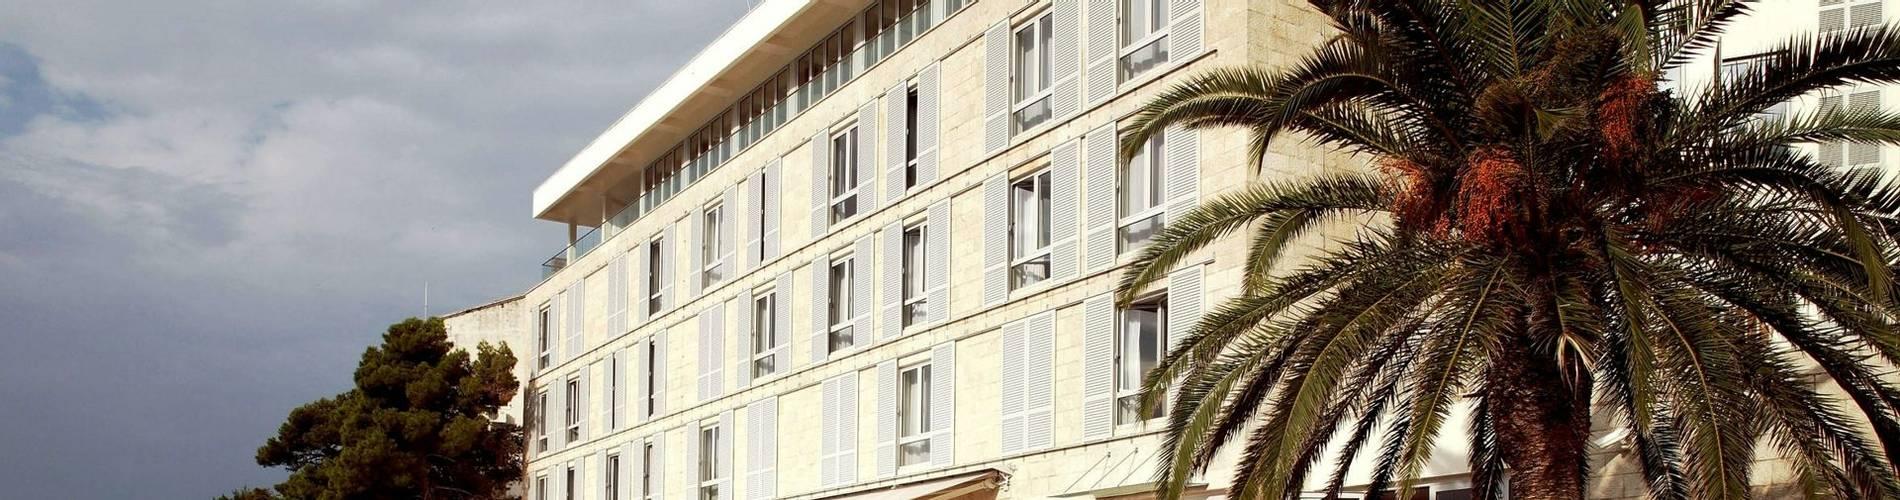 Adriana Hvar  Spa Hotel 6.JPG